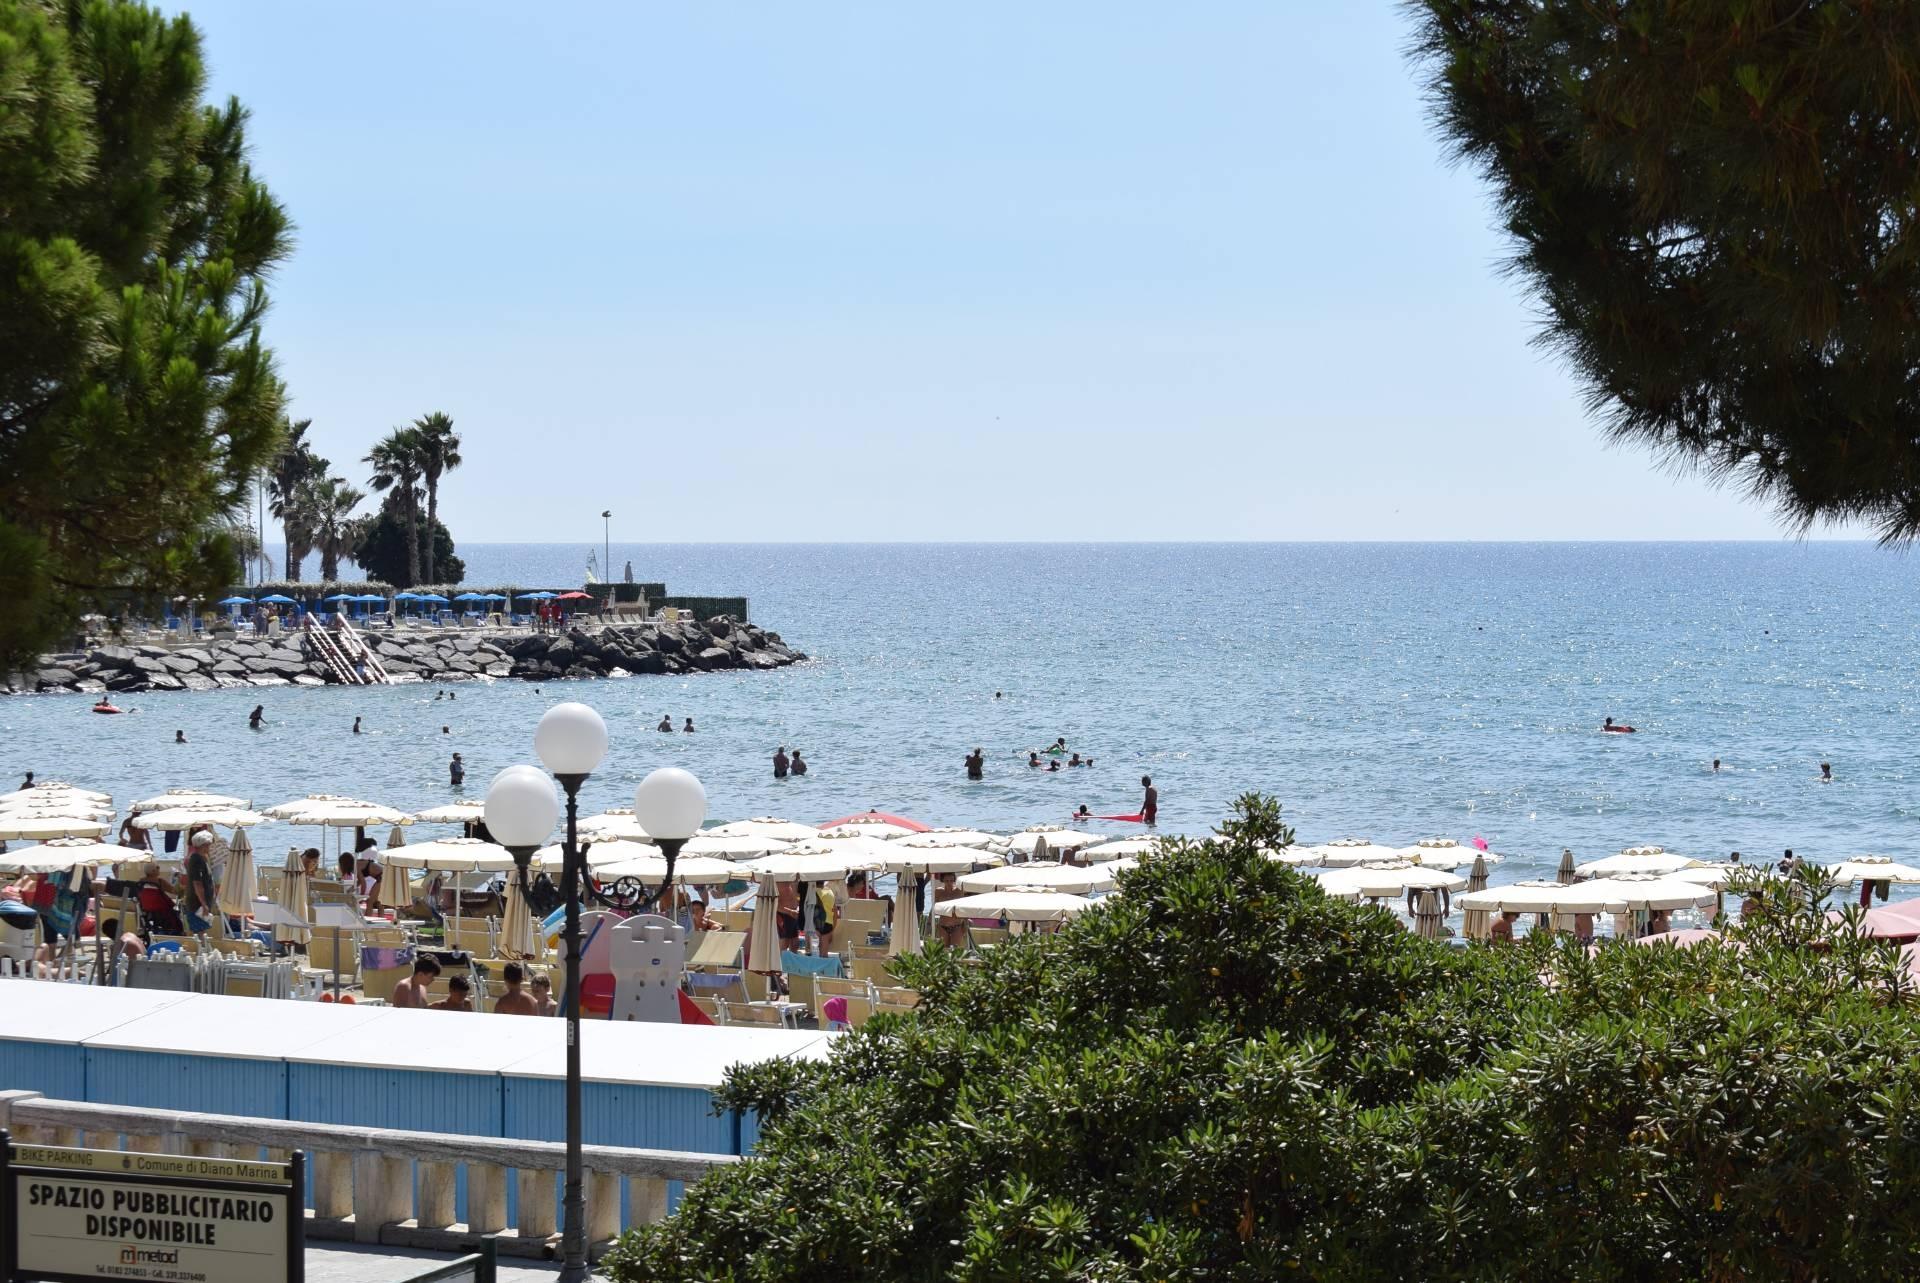 Appartamento in vendita a Diano Marina, 2 locali, prezzo € 270.000 | CambioCasa.it